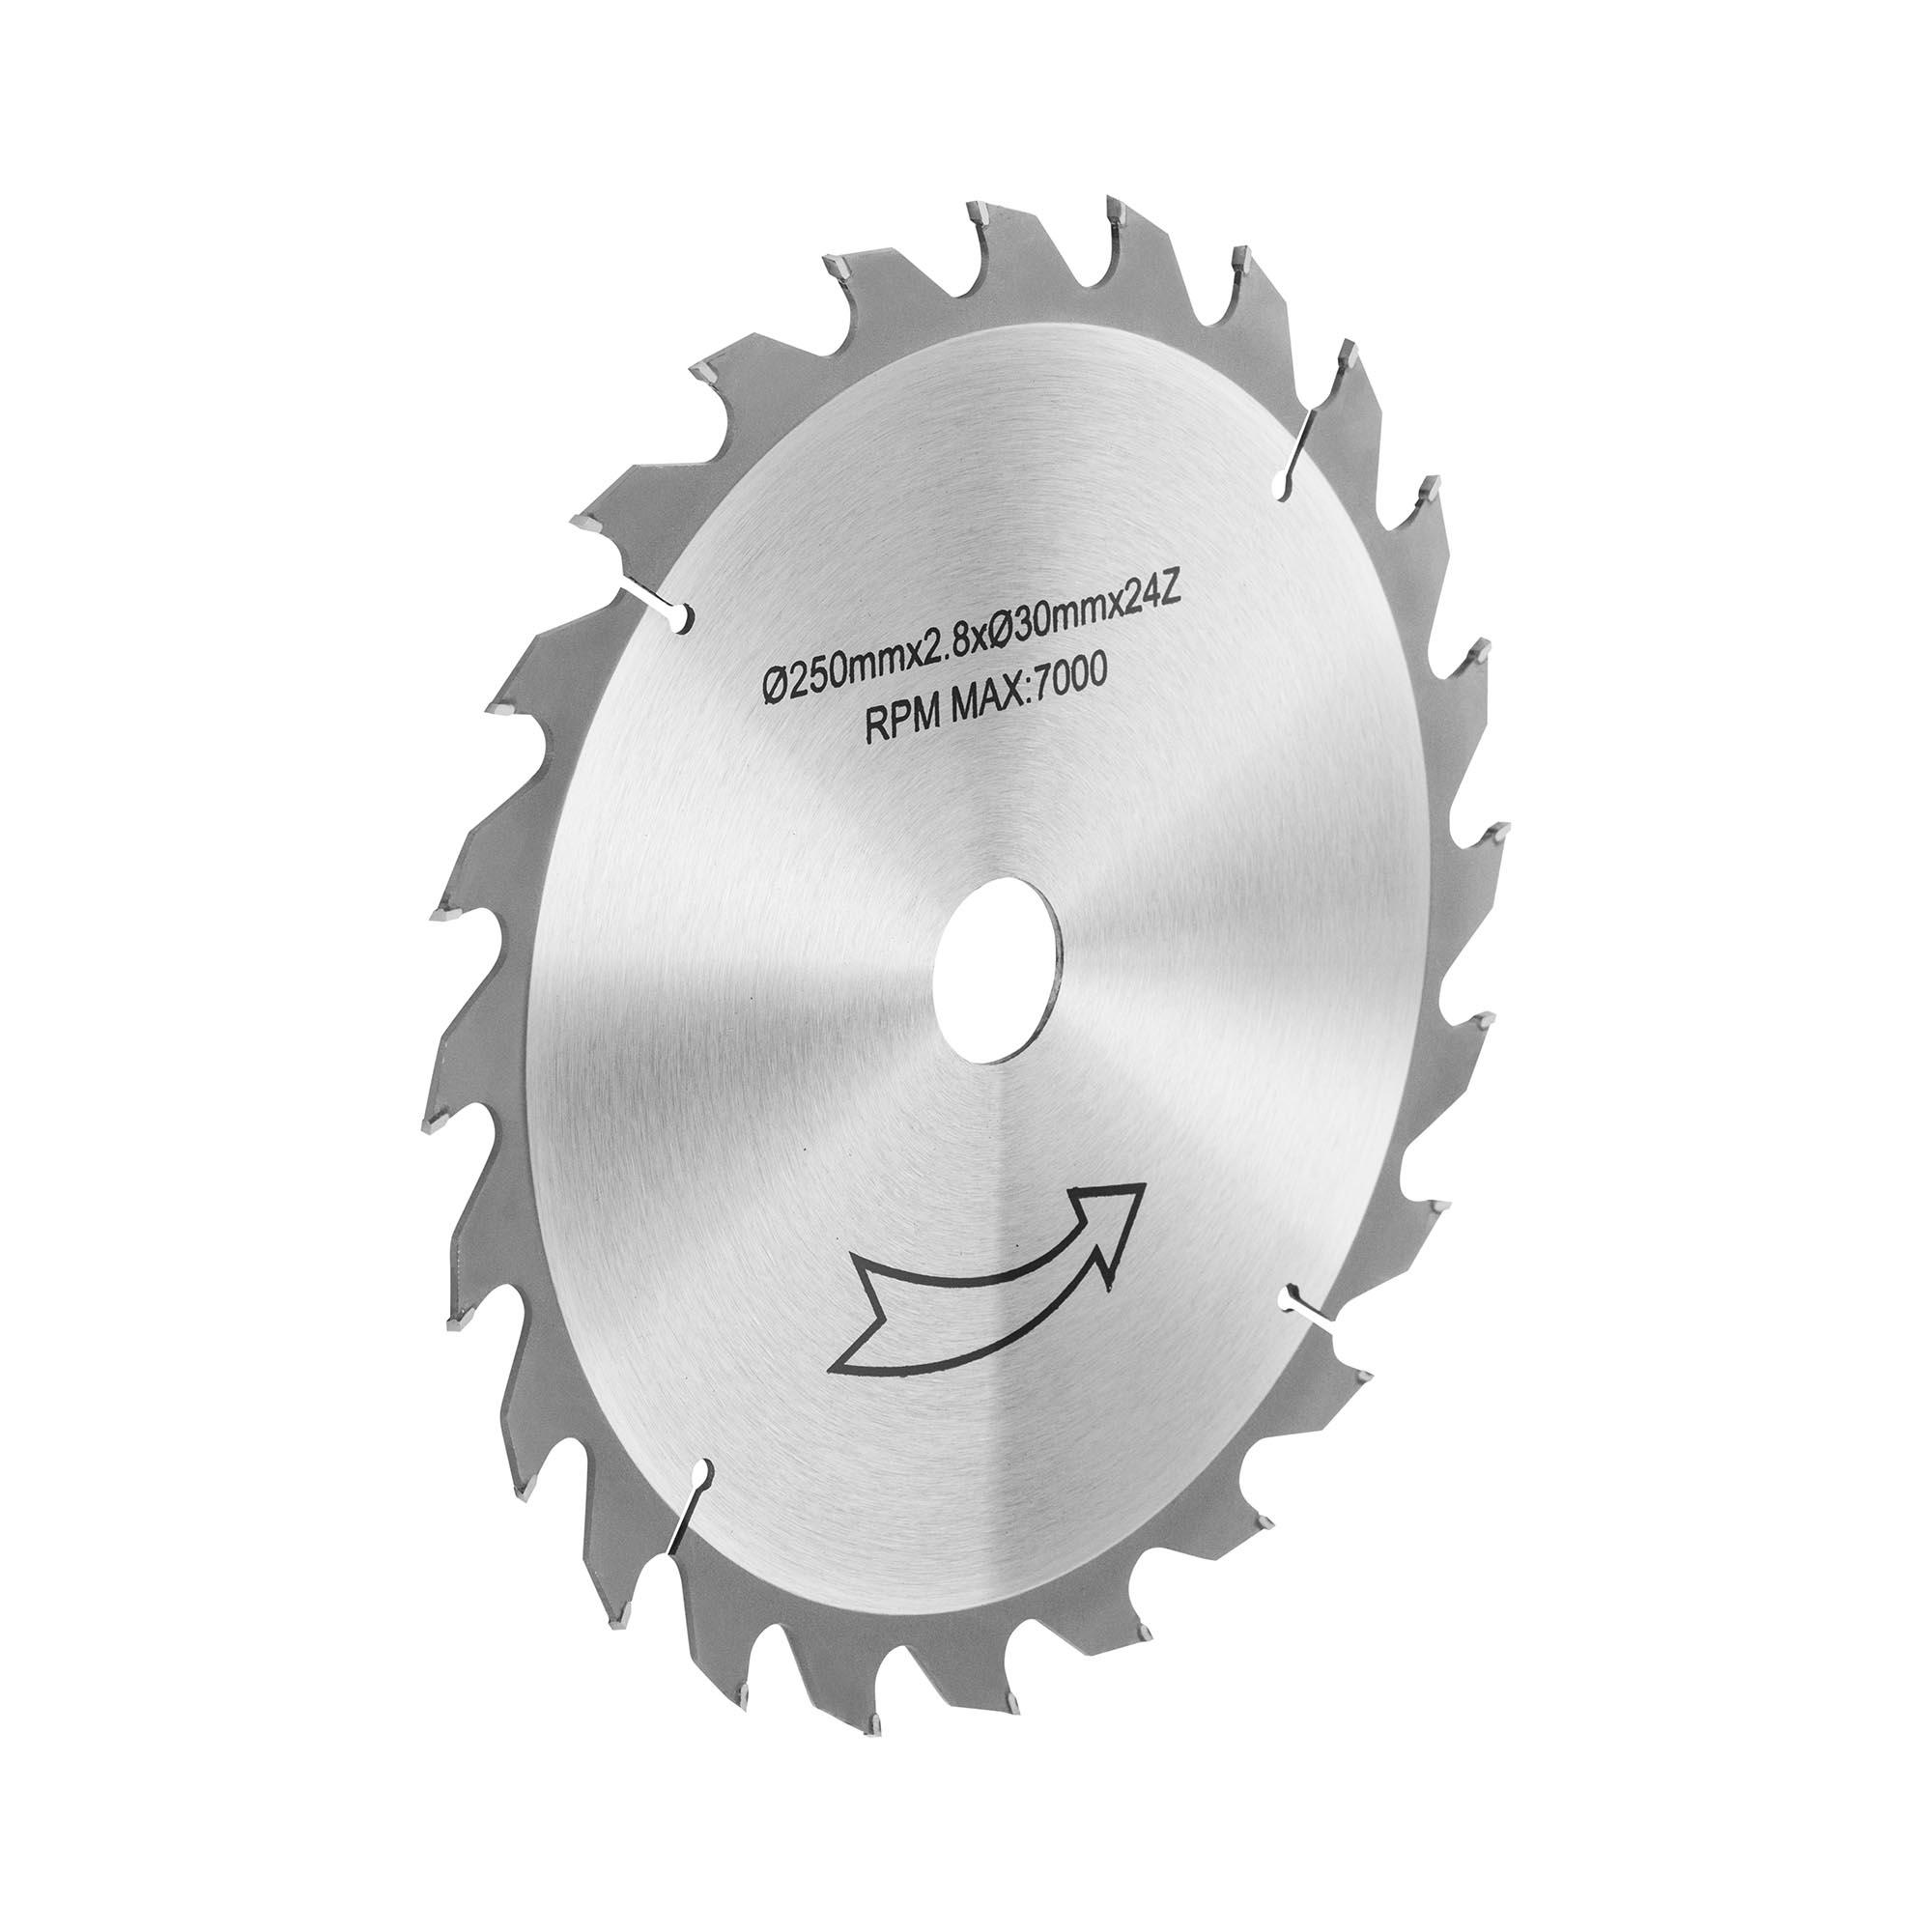 MSW Tischkreissägeblatt - Ø250 mm 10060802